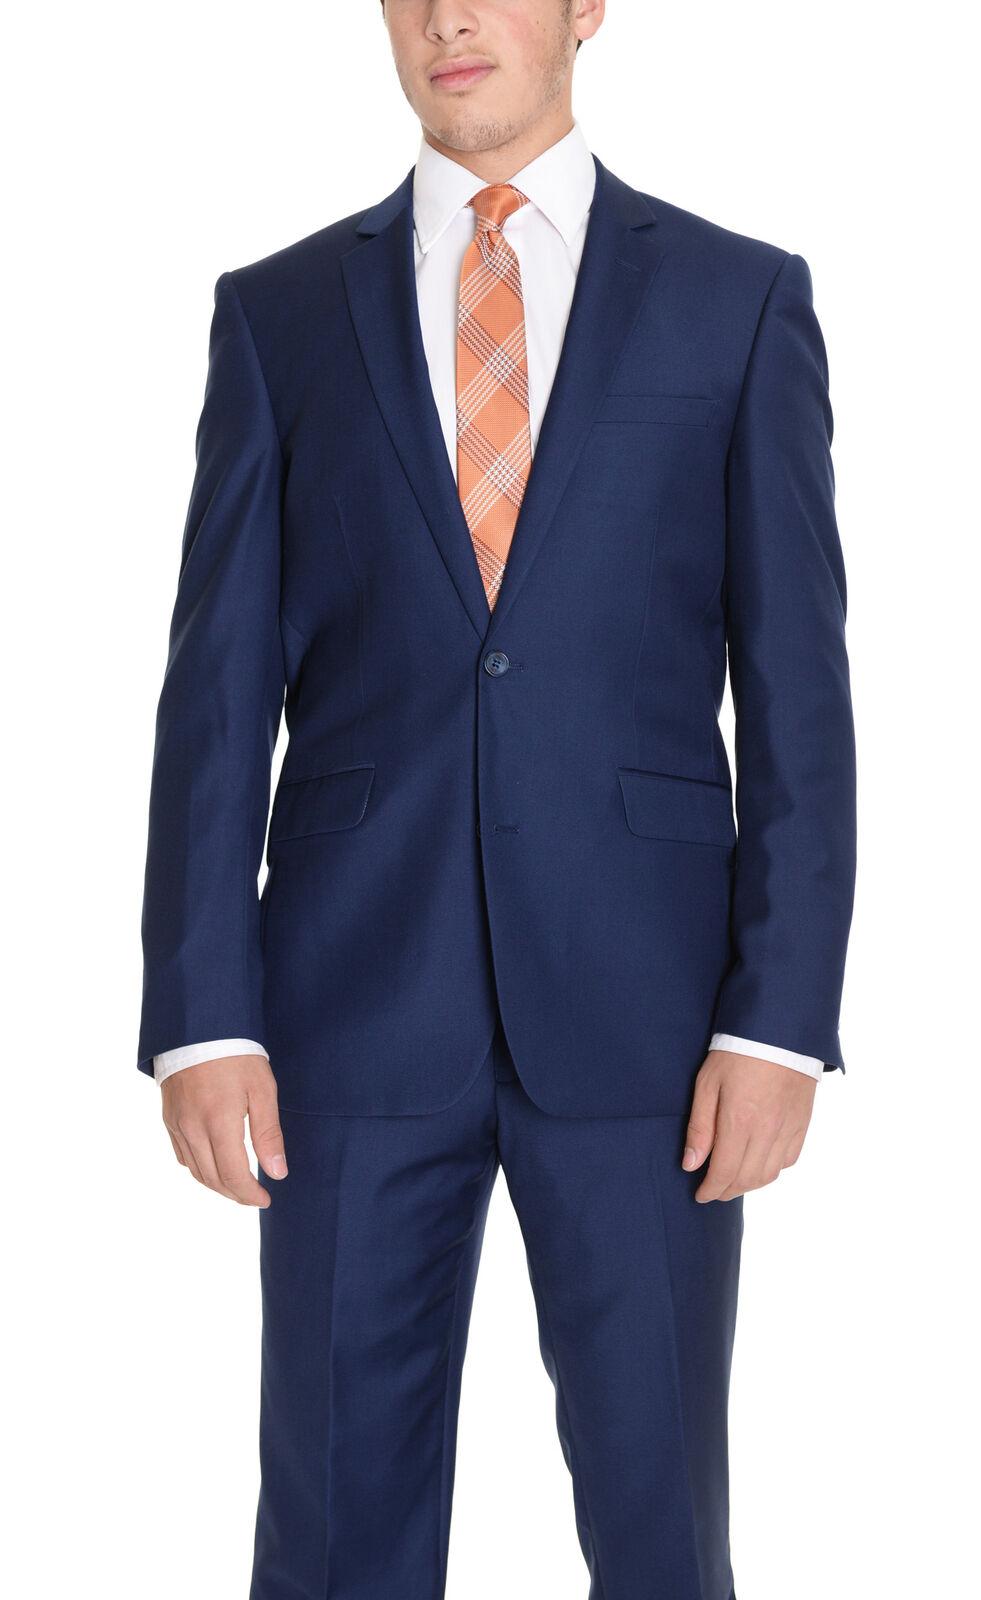 Herren 46R Raphael Regular Fit Einfarbig Blau Zwei Knopfen Anzug